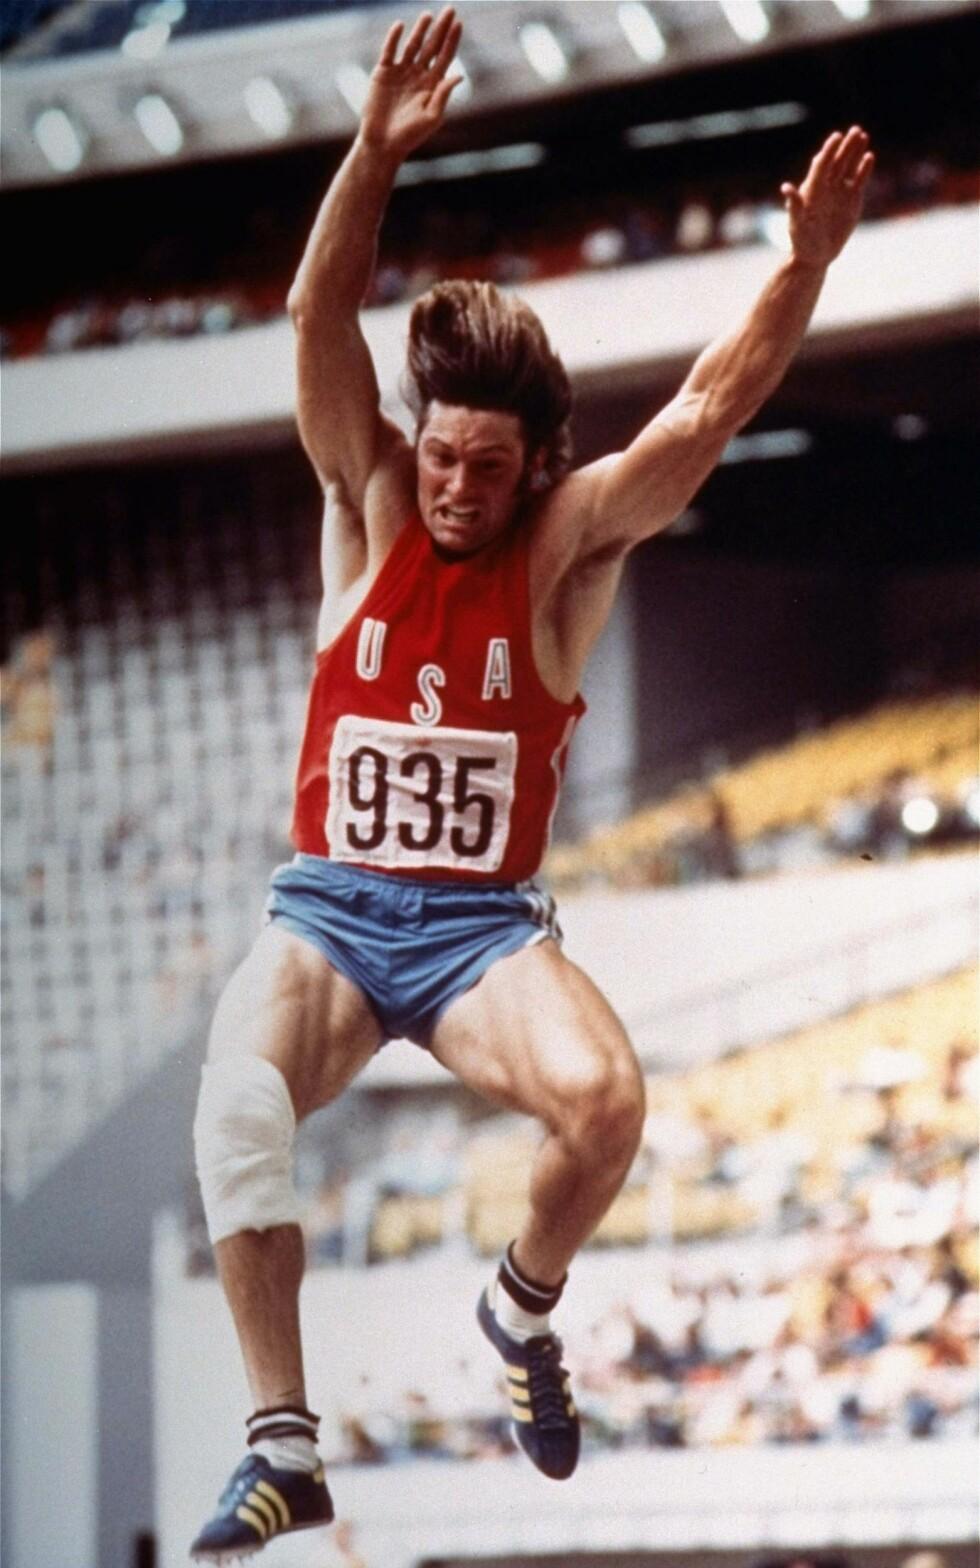 SPORTY: Den tidligere friidrettsstjernen Bruce Jenner fotografert under sommer-OL i Canada i 1976. Jenner vant gullmedalje i tikamp.  Foto: NTB Scanpix